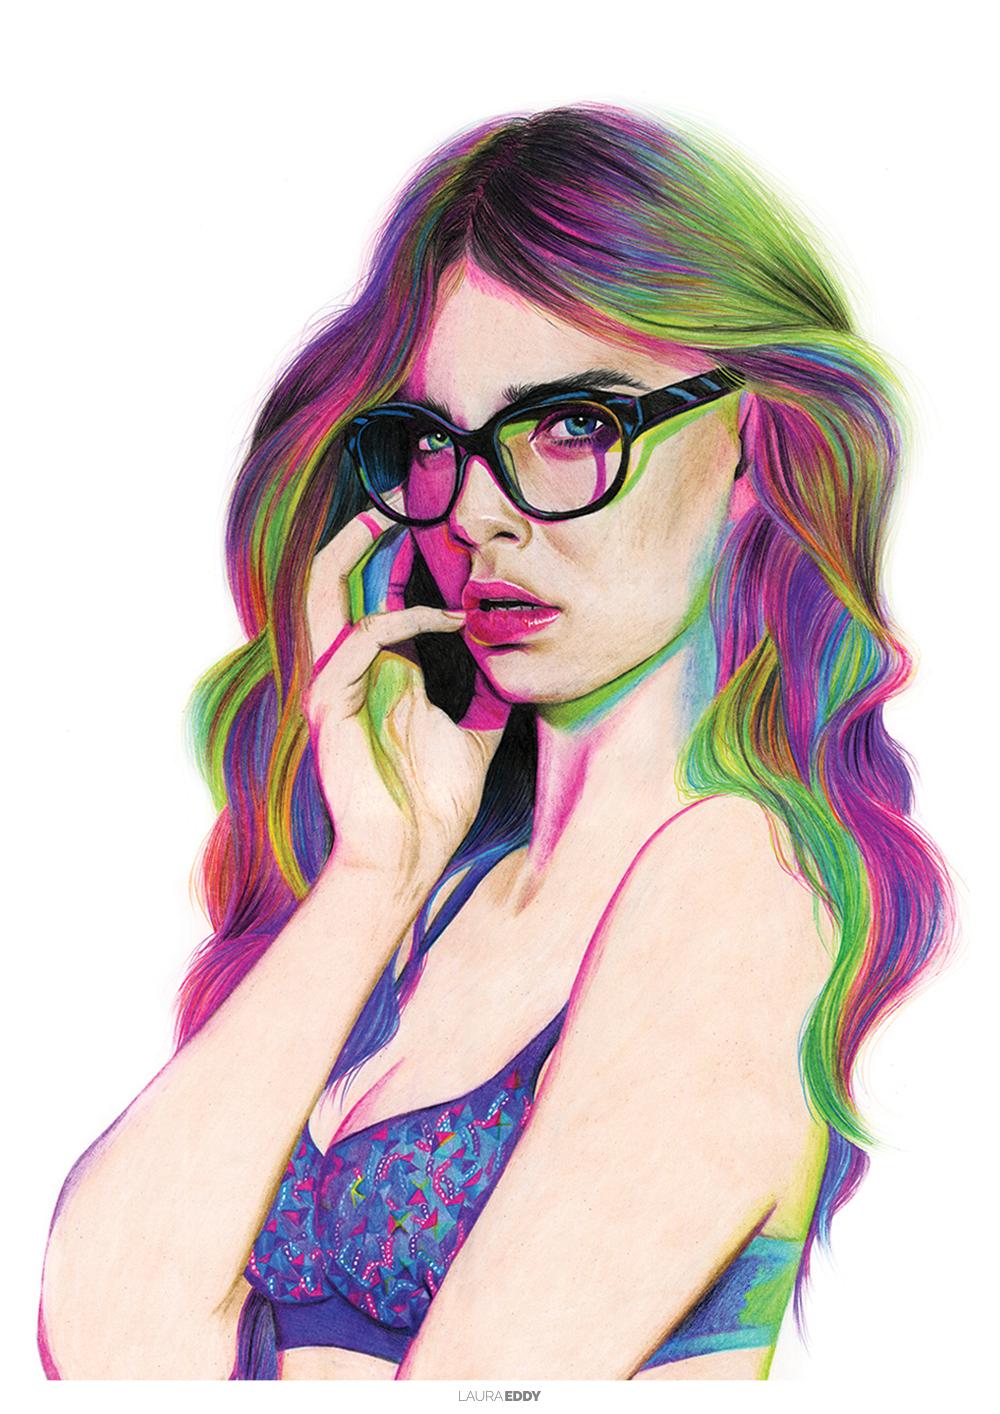 laura-eddy-cara-delevingne-prismacolor-premiers.jpg